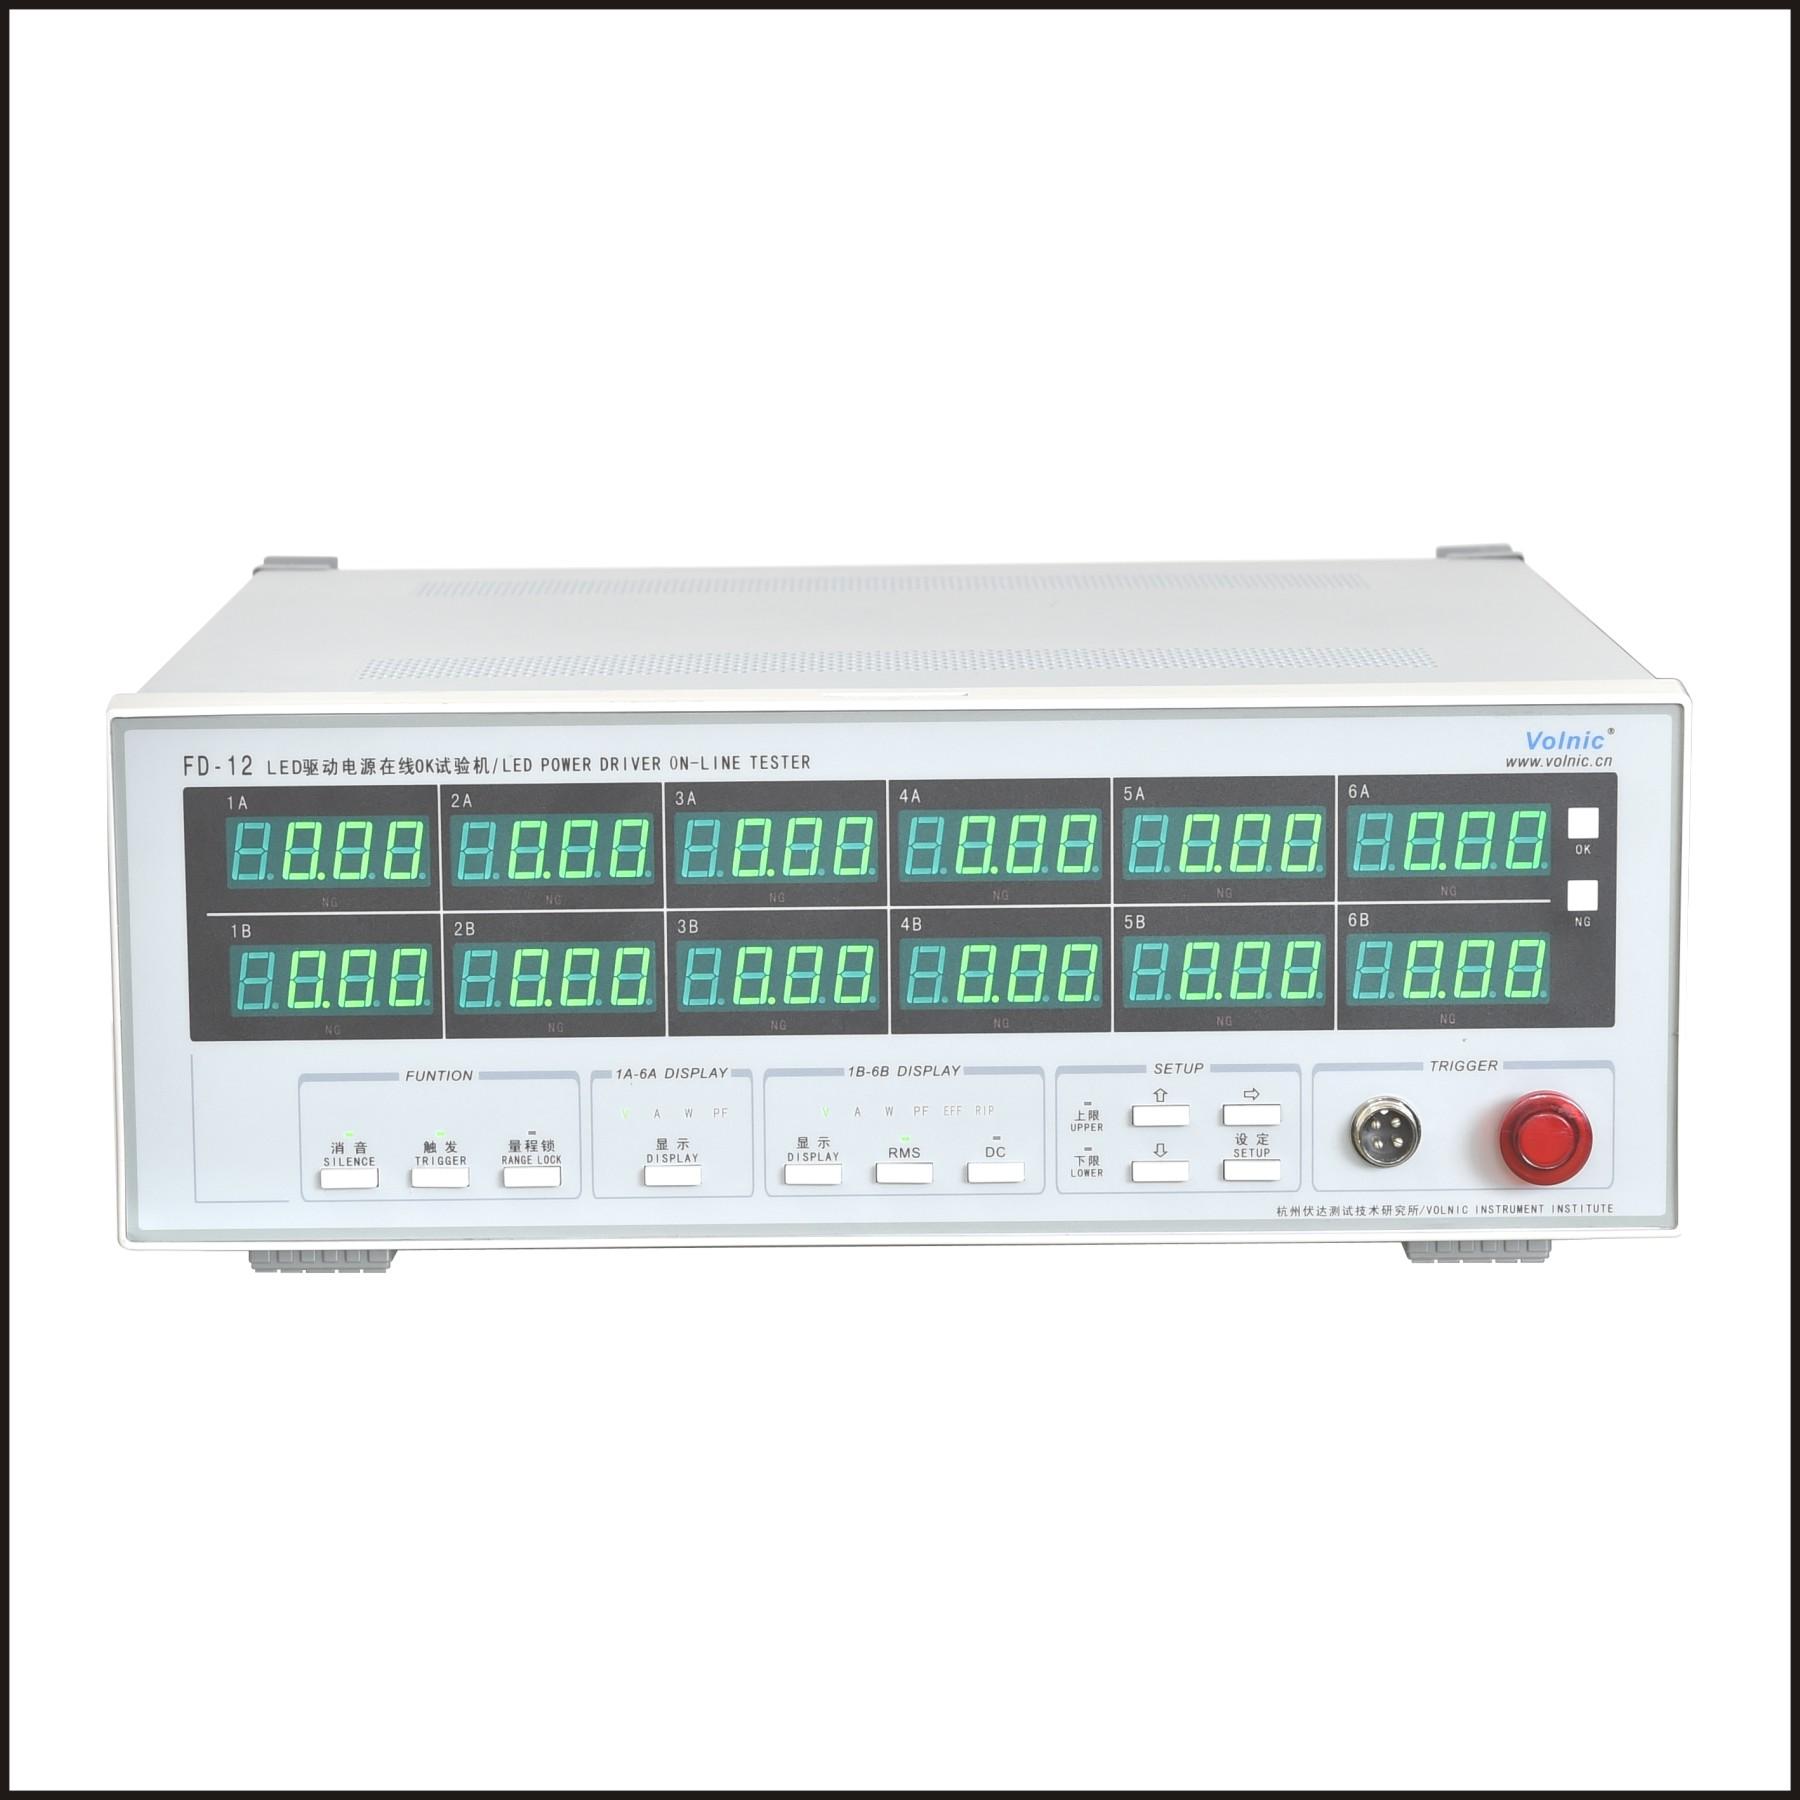 FD-12 LED驱动电源在线OK试验机